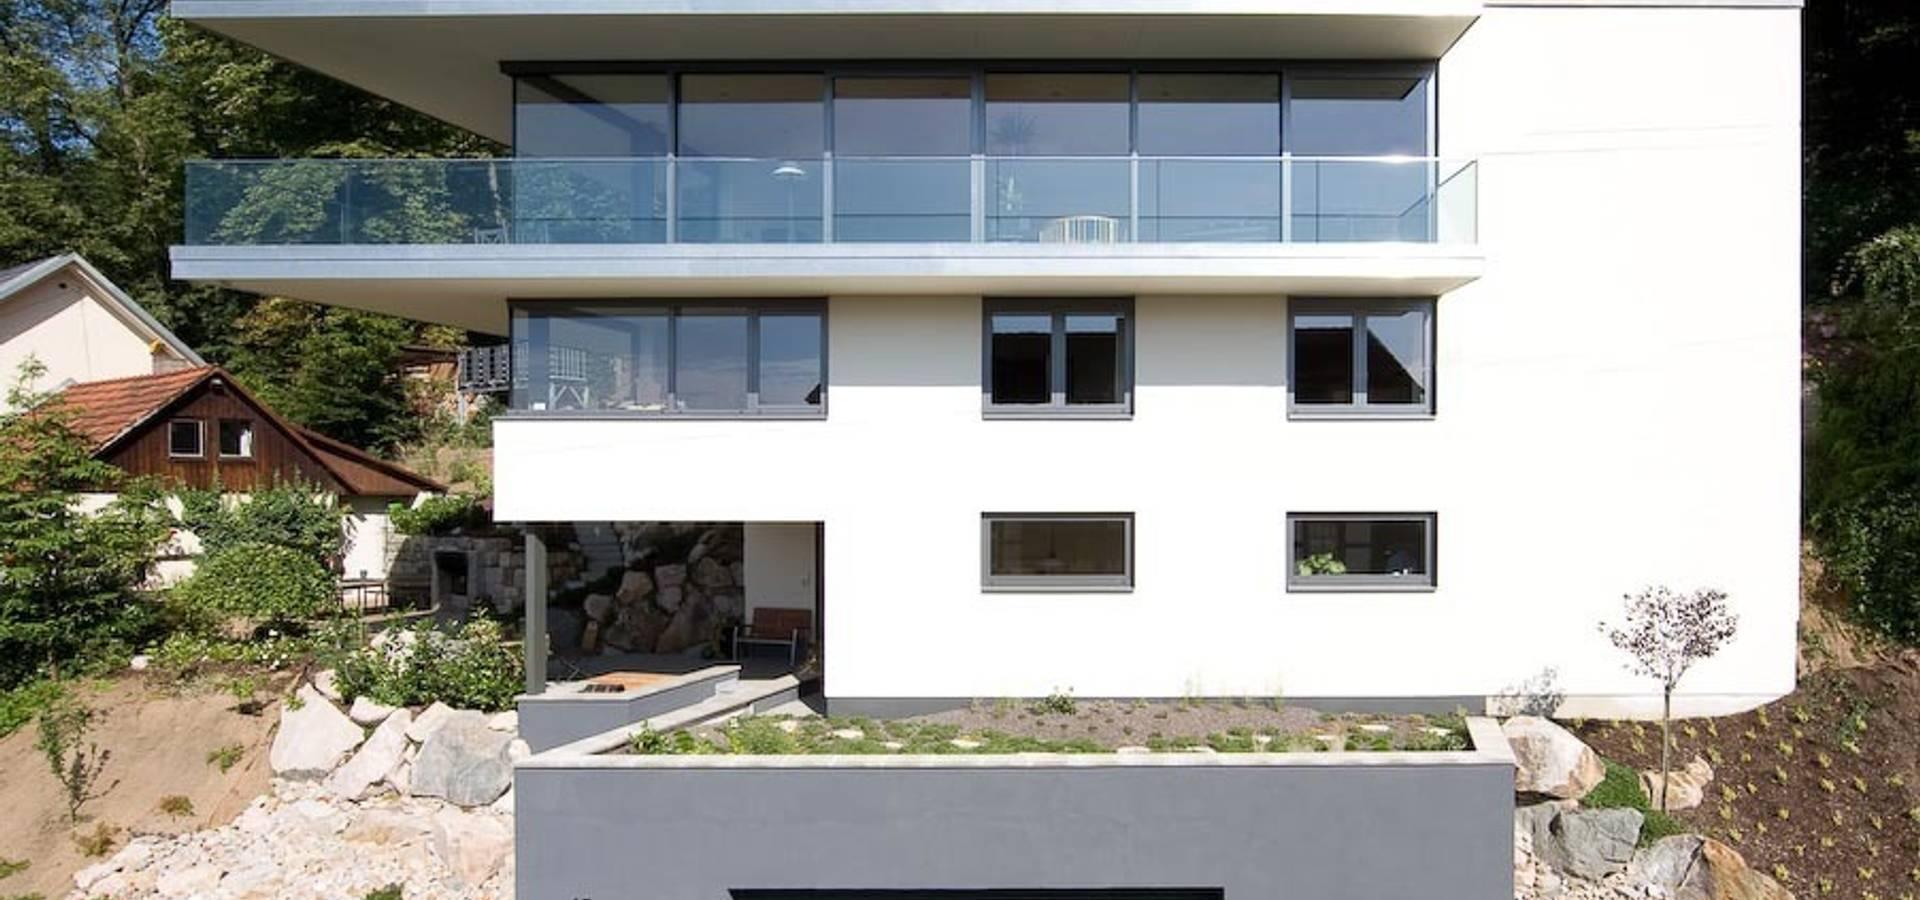 atelier und architekturb ro b renwald architekten in jena. Black Bedroom Furniture Sets. Home Design Ideas